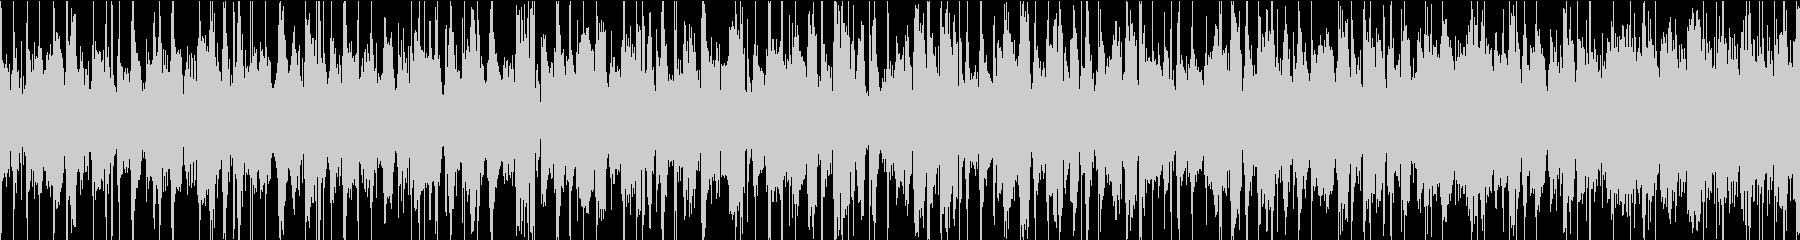 スラップベースが特徴的なロックの未再生の波形